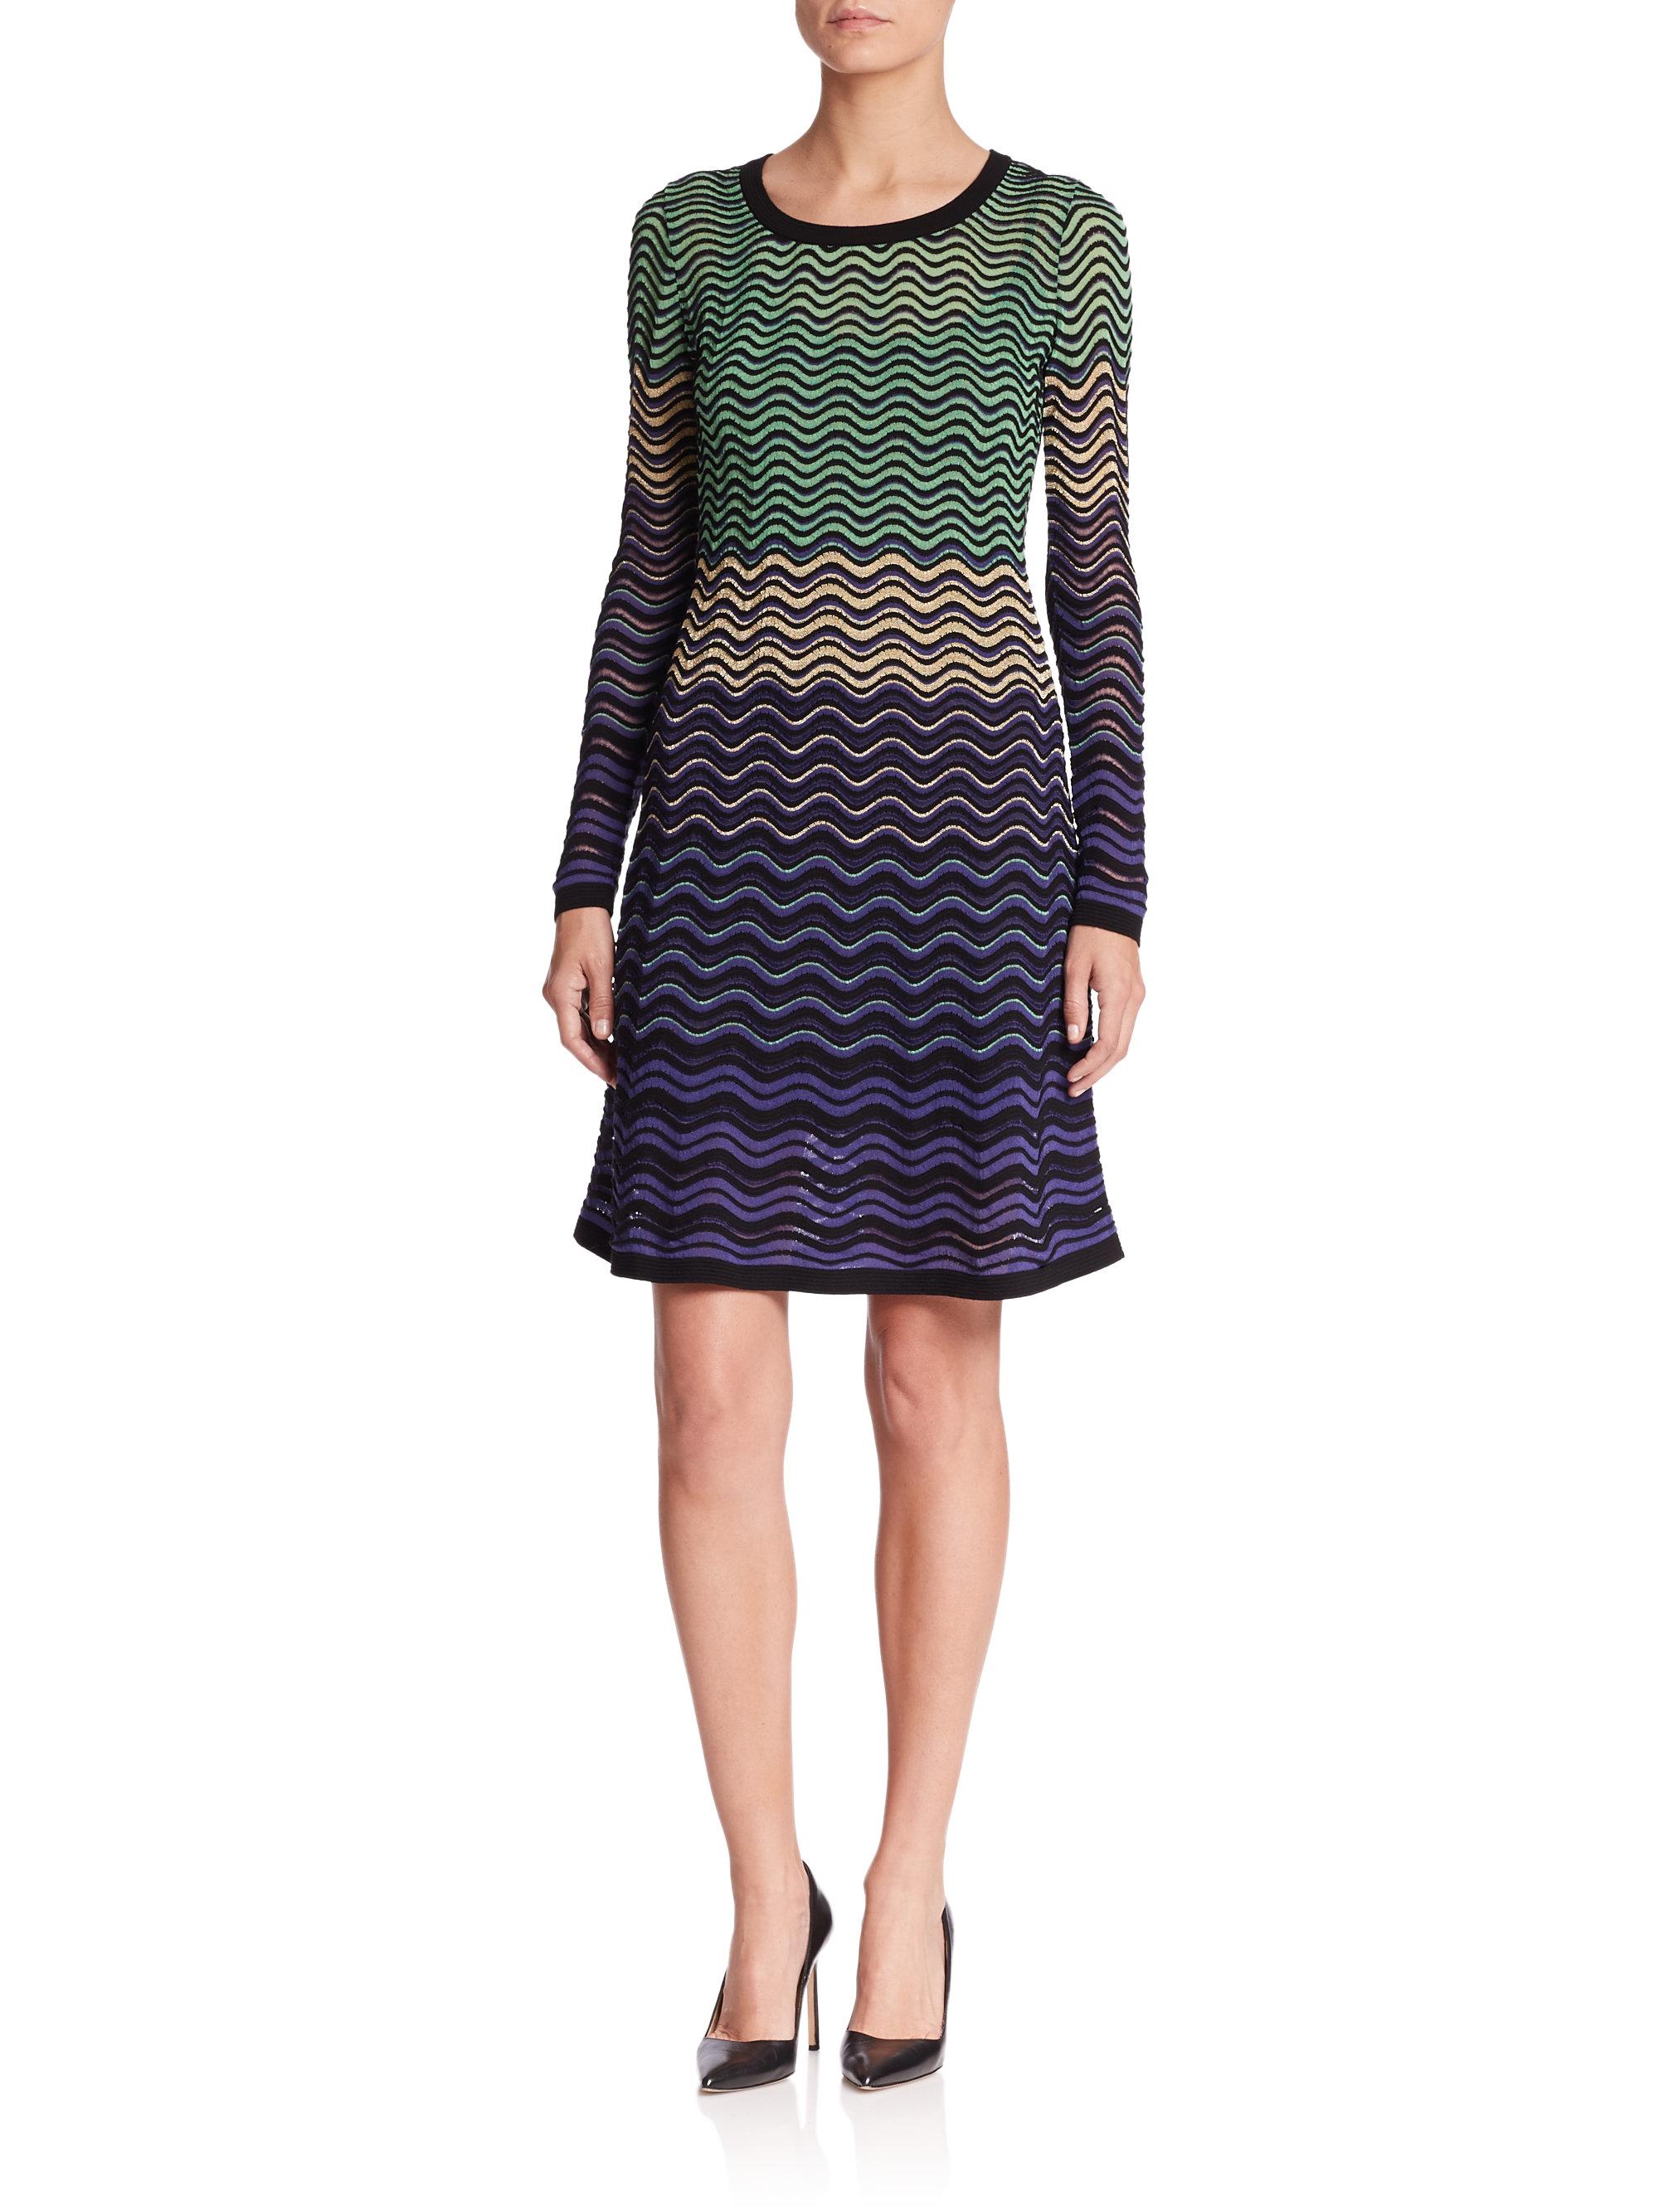 Violet Dress Knitting Pattern : M missoni Metallic Ripple-pattern Knit Dress in Purple Lyst